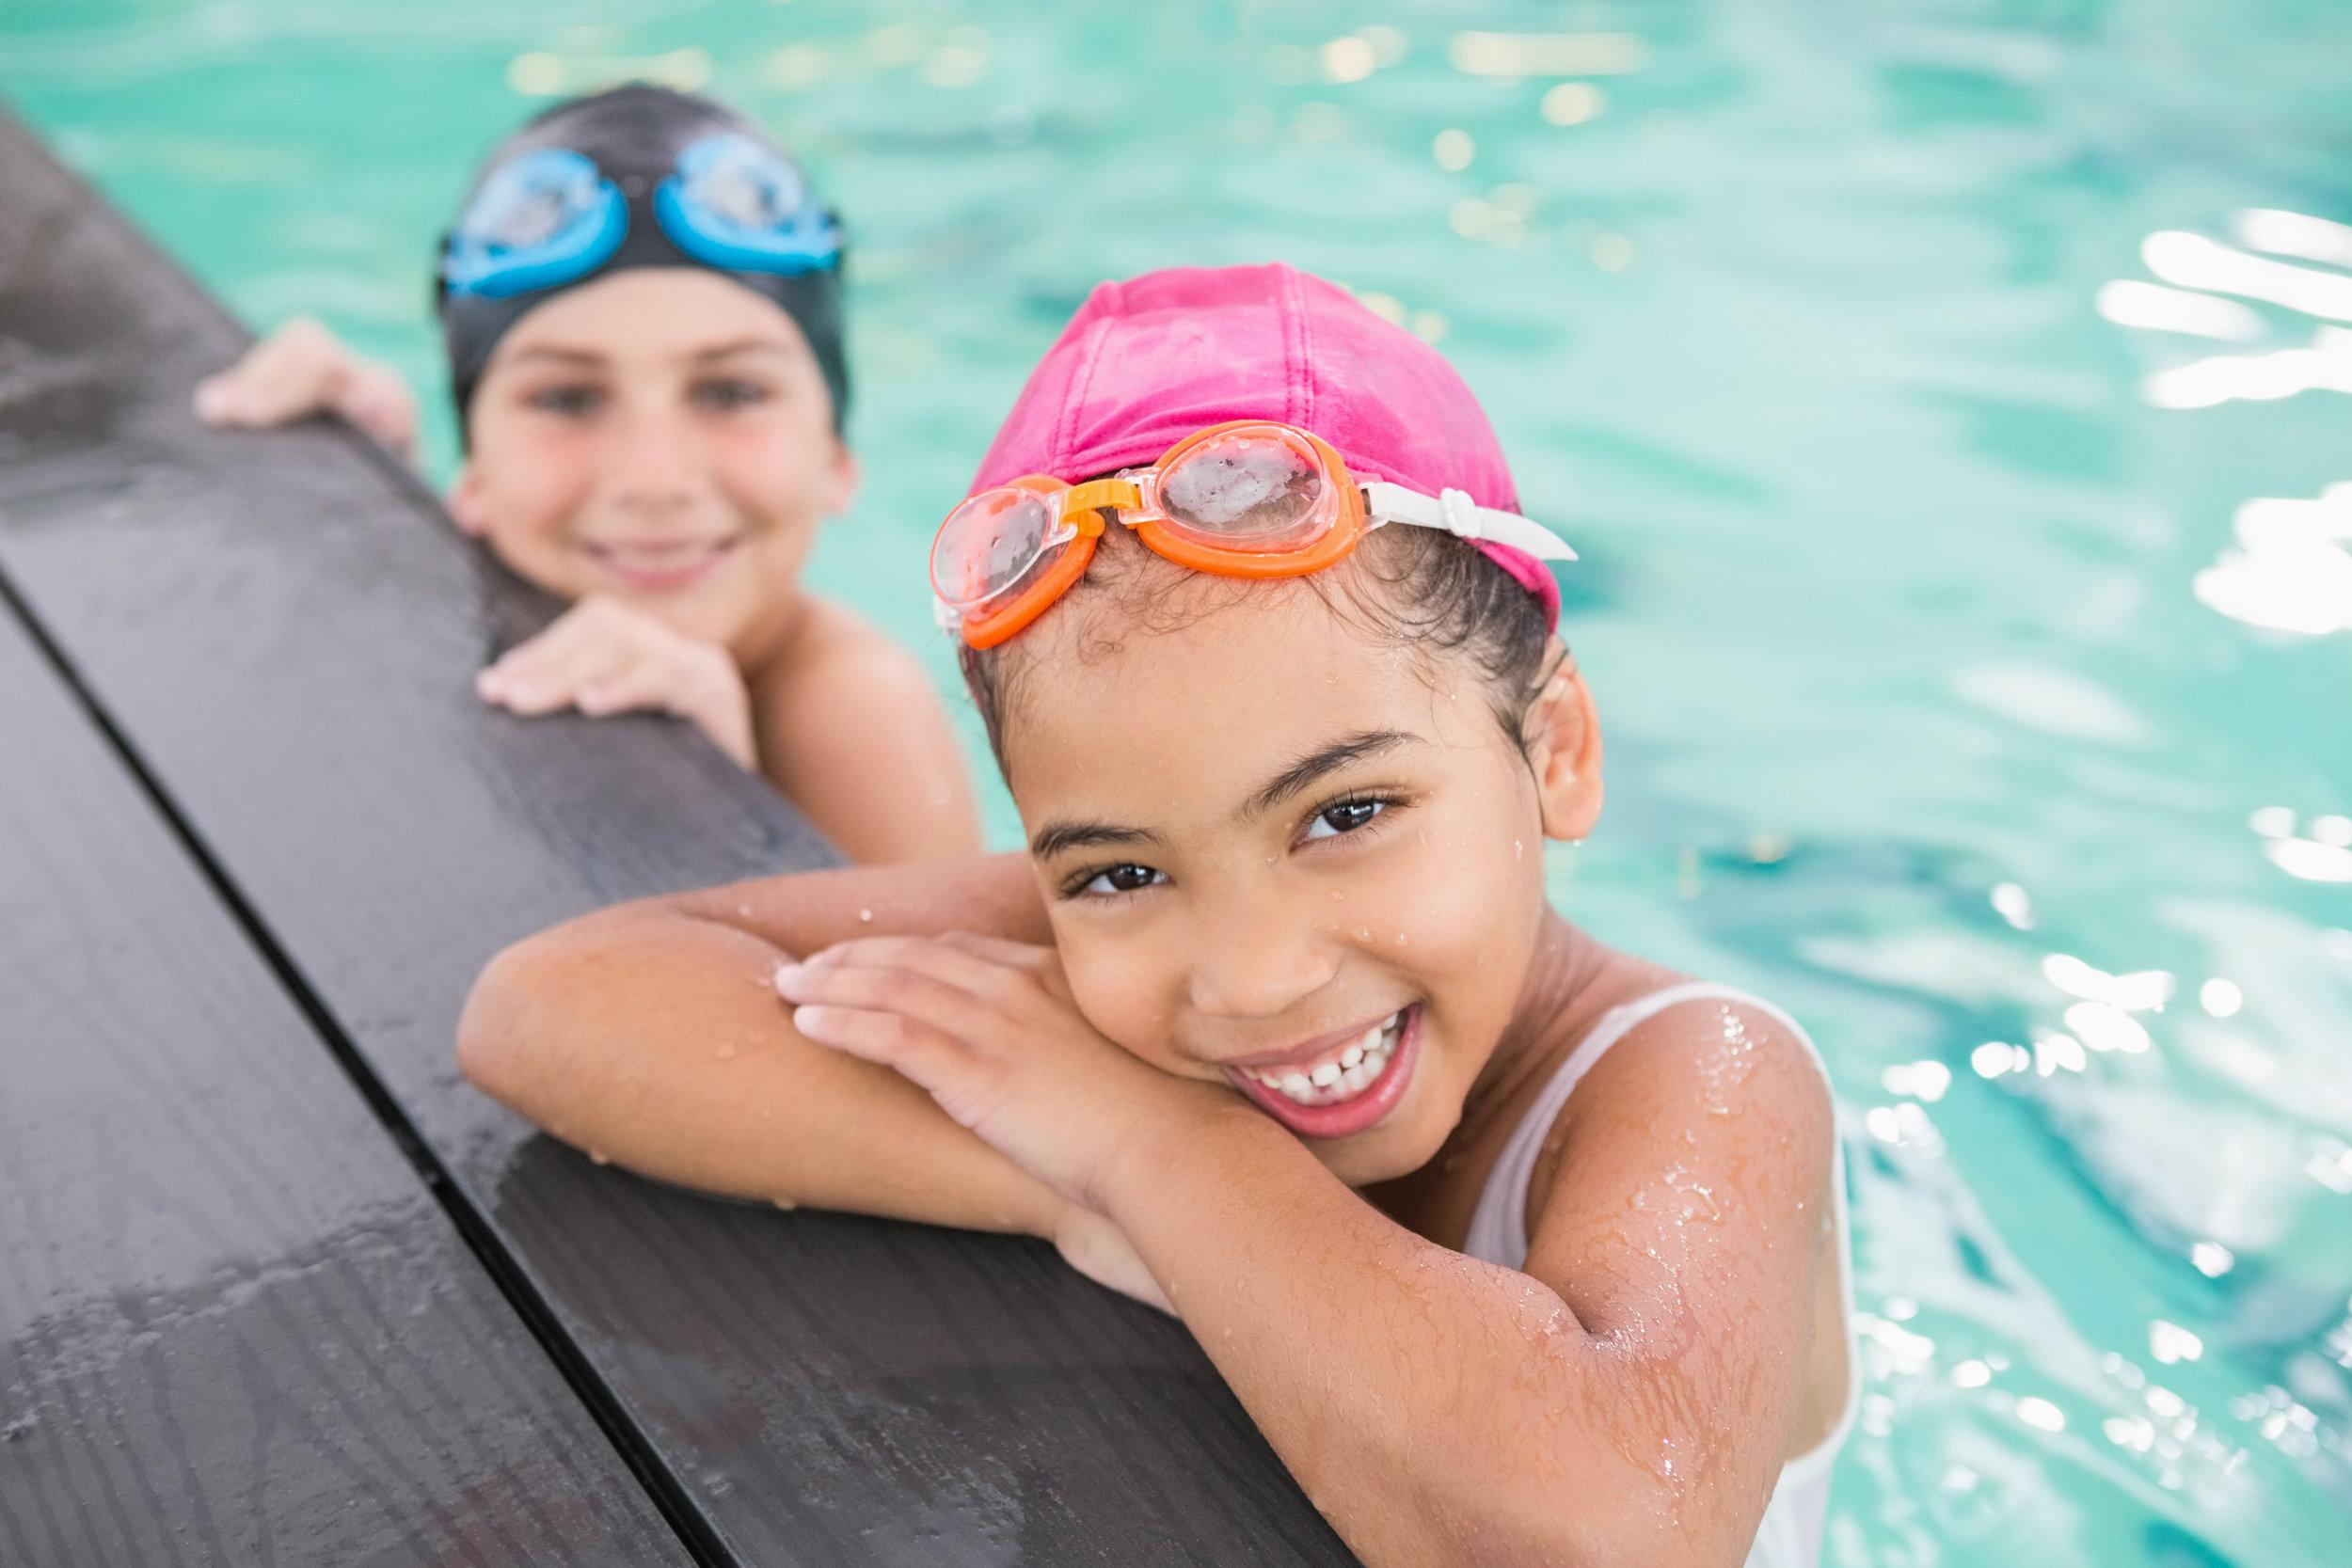 kids swimming iStock-525802745.jpg